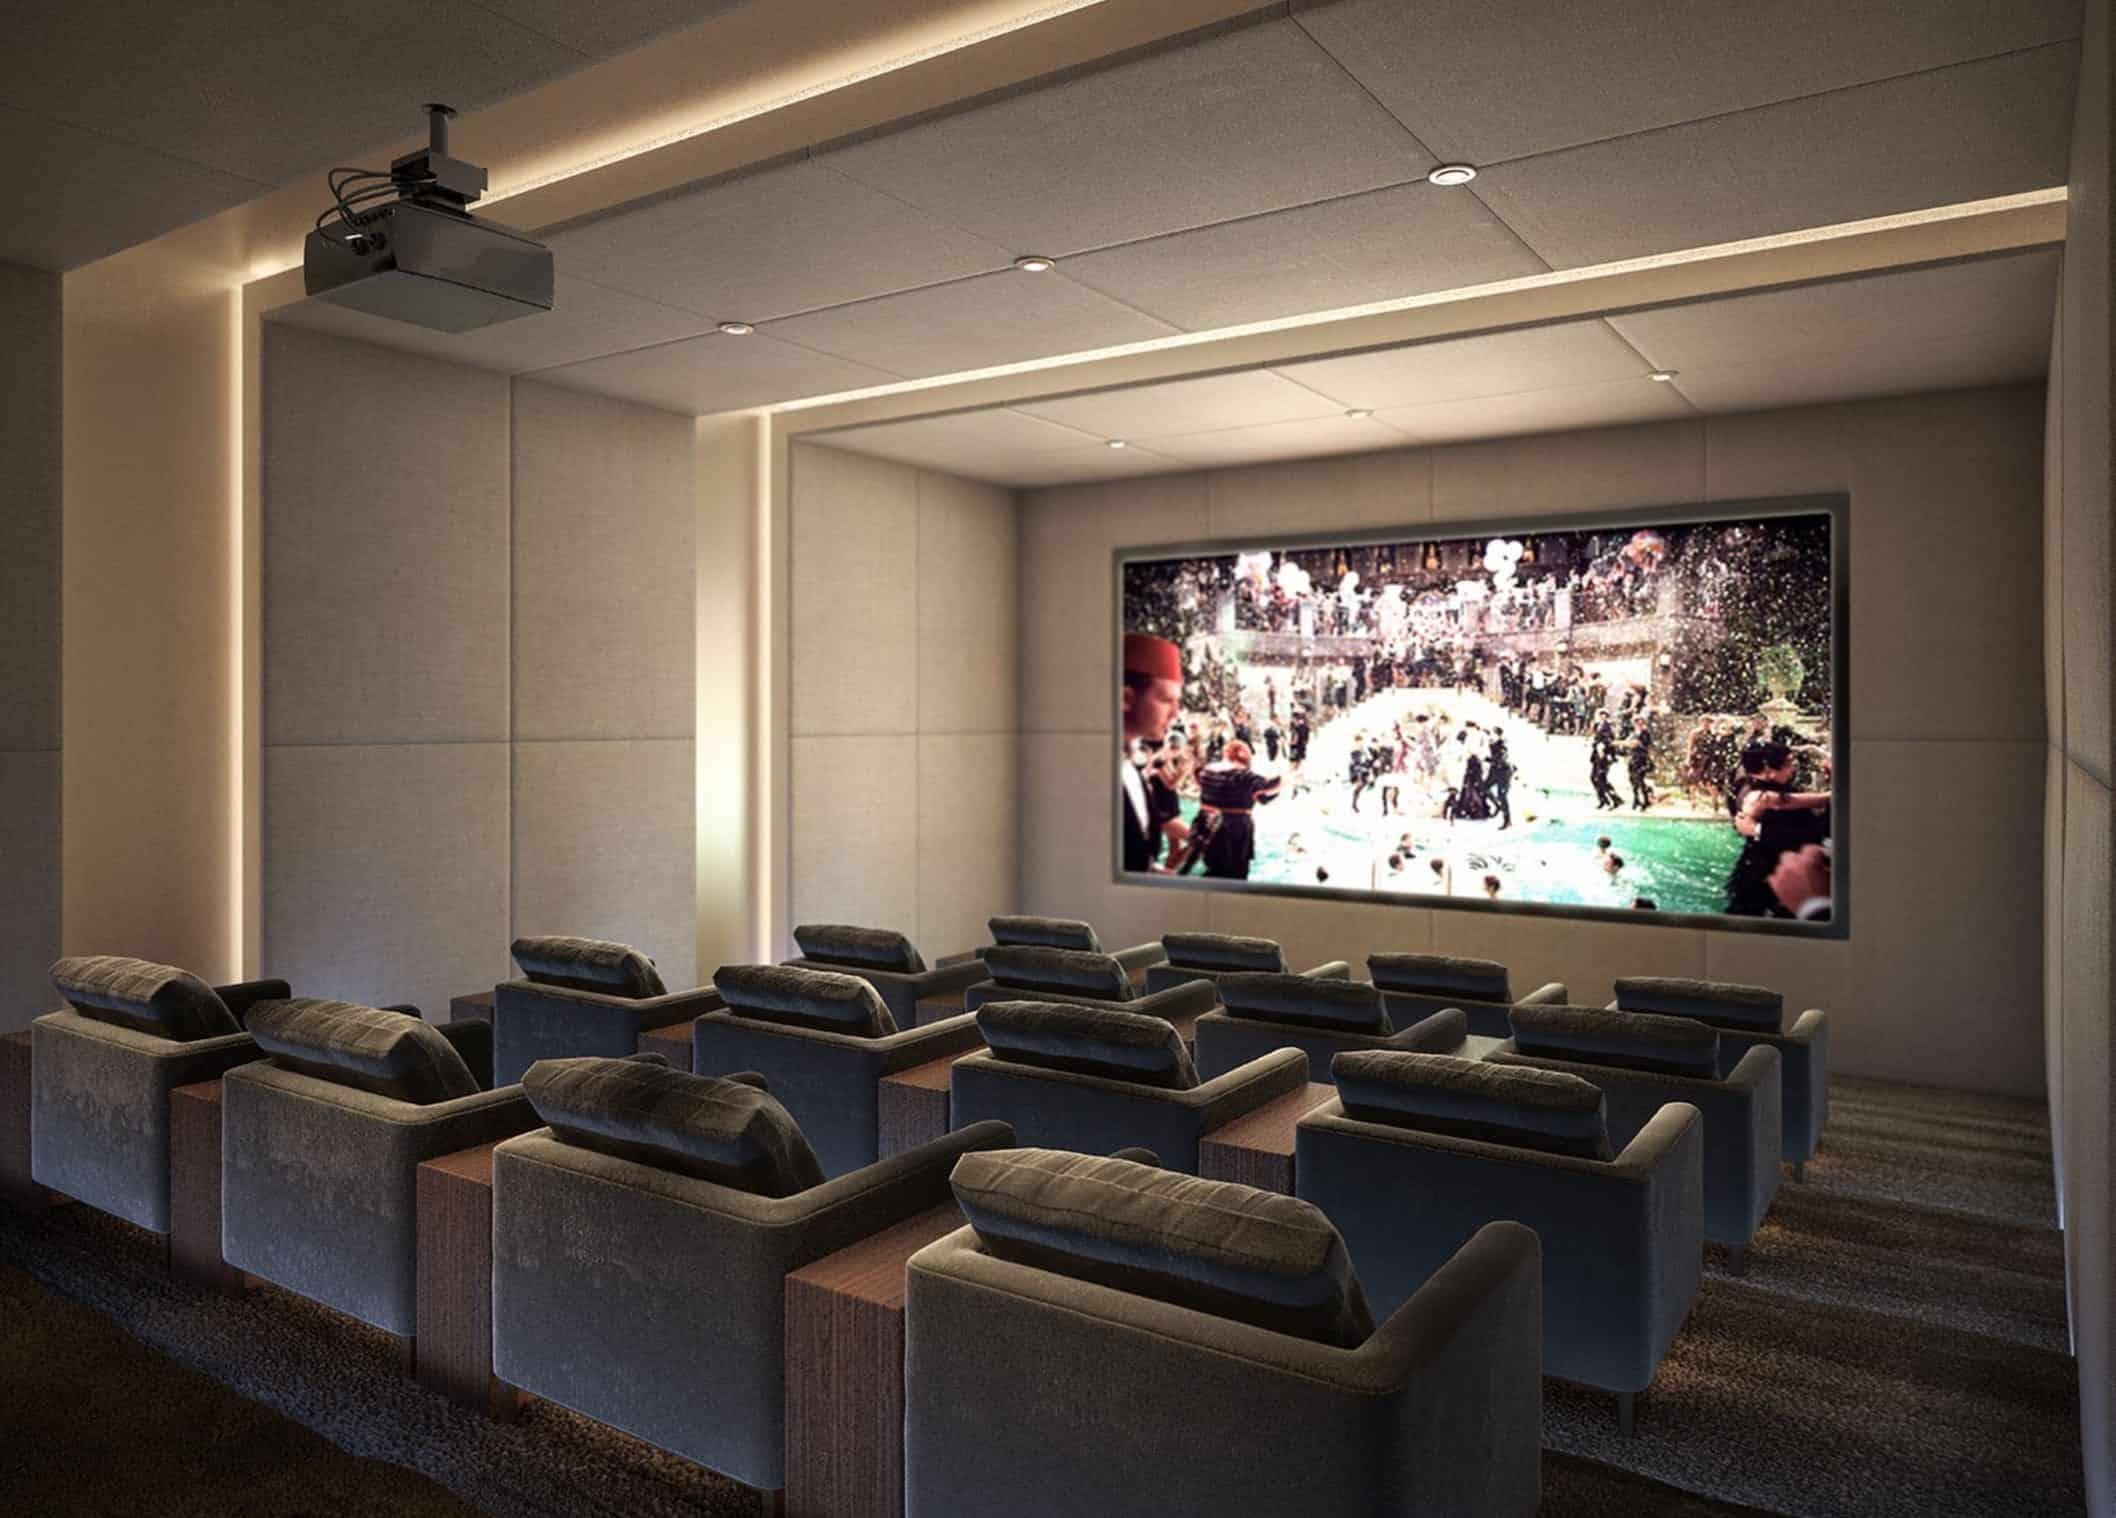 King's Landing Condos Theatre Room True Condos